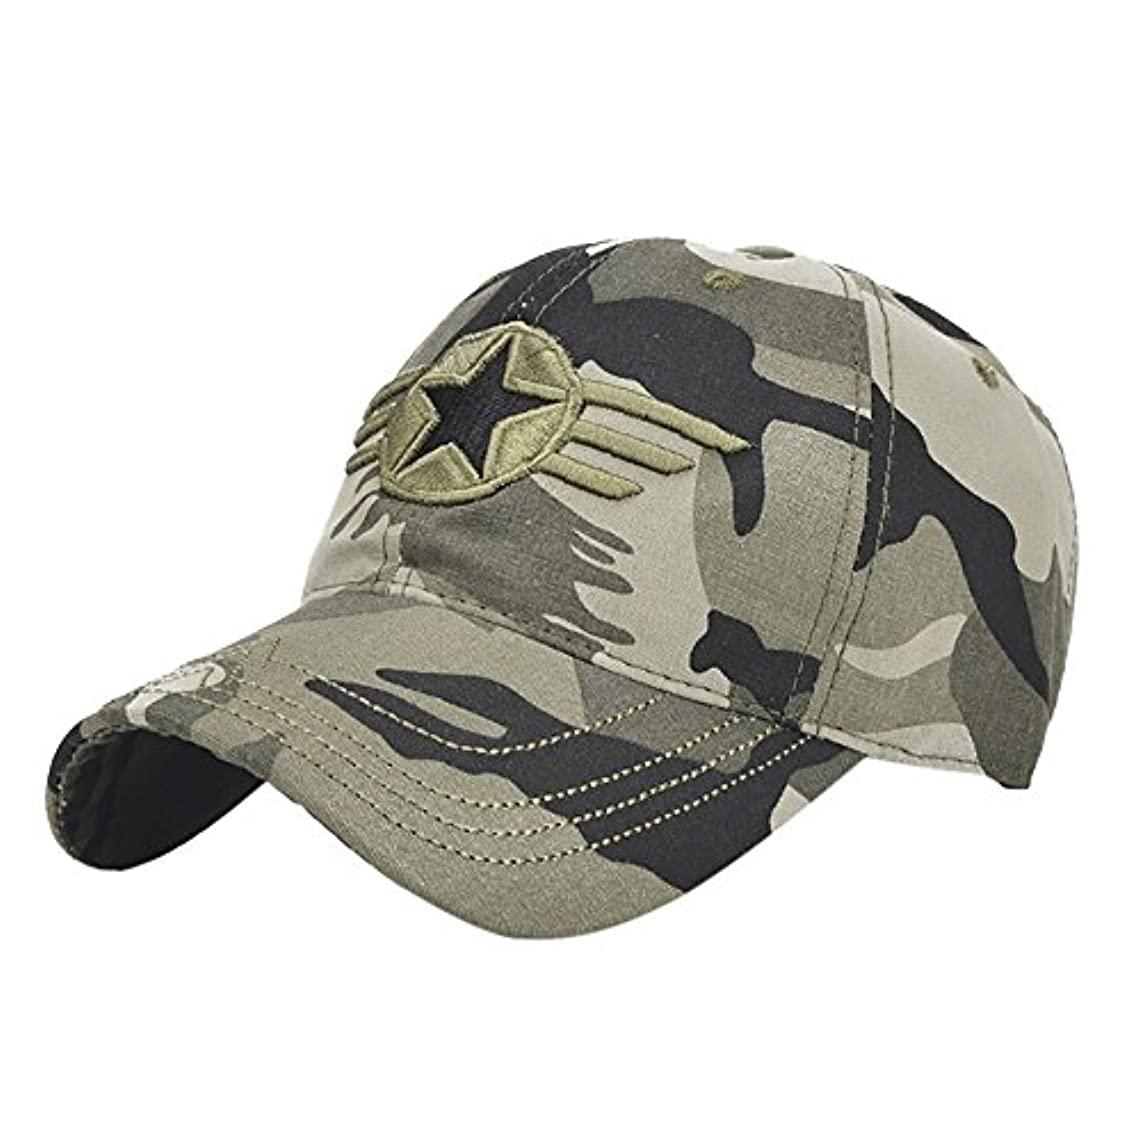 申し立てる強風ニュースRacazing Cap ミリタリーキャップ 野球帽 迷彩 夏 登山 通気性のある メッシュ 帽子 ベルクロ 可調整可能 スターバッジ 刺繍 棒球帽 UV 帽子 軽量 屋外 Unisex Hat (迷彩)